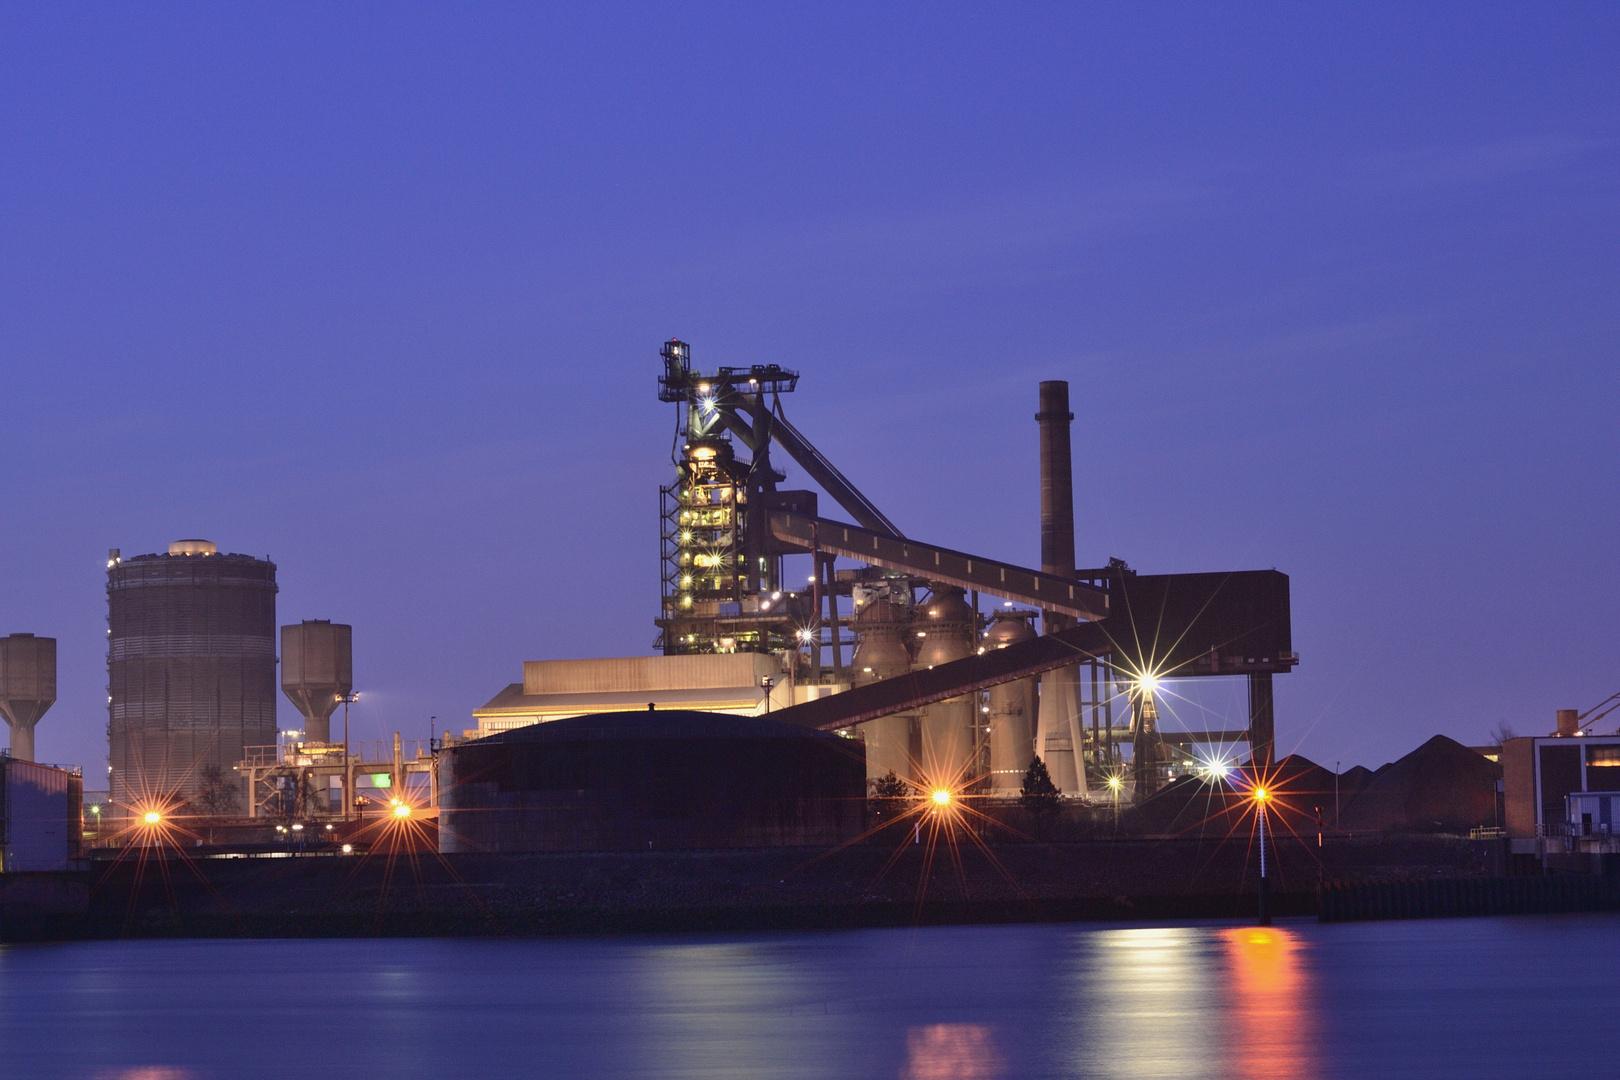 Klöckner Stahlwerk Bremen 2